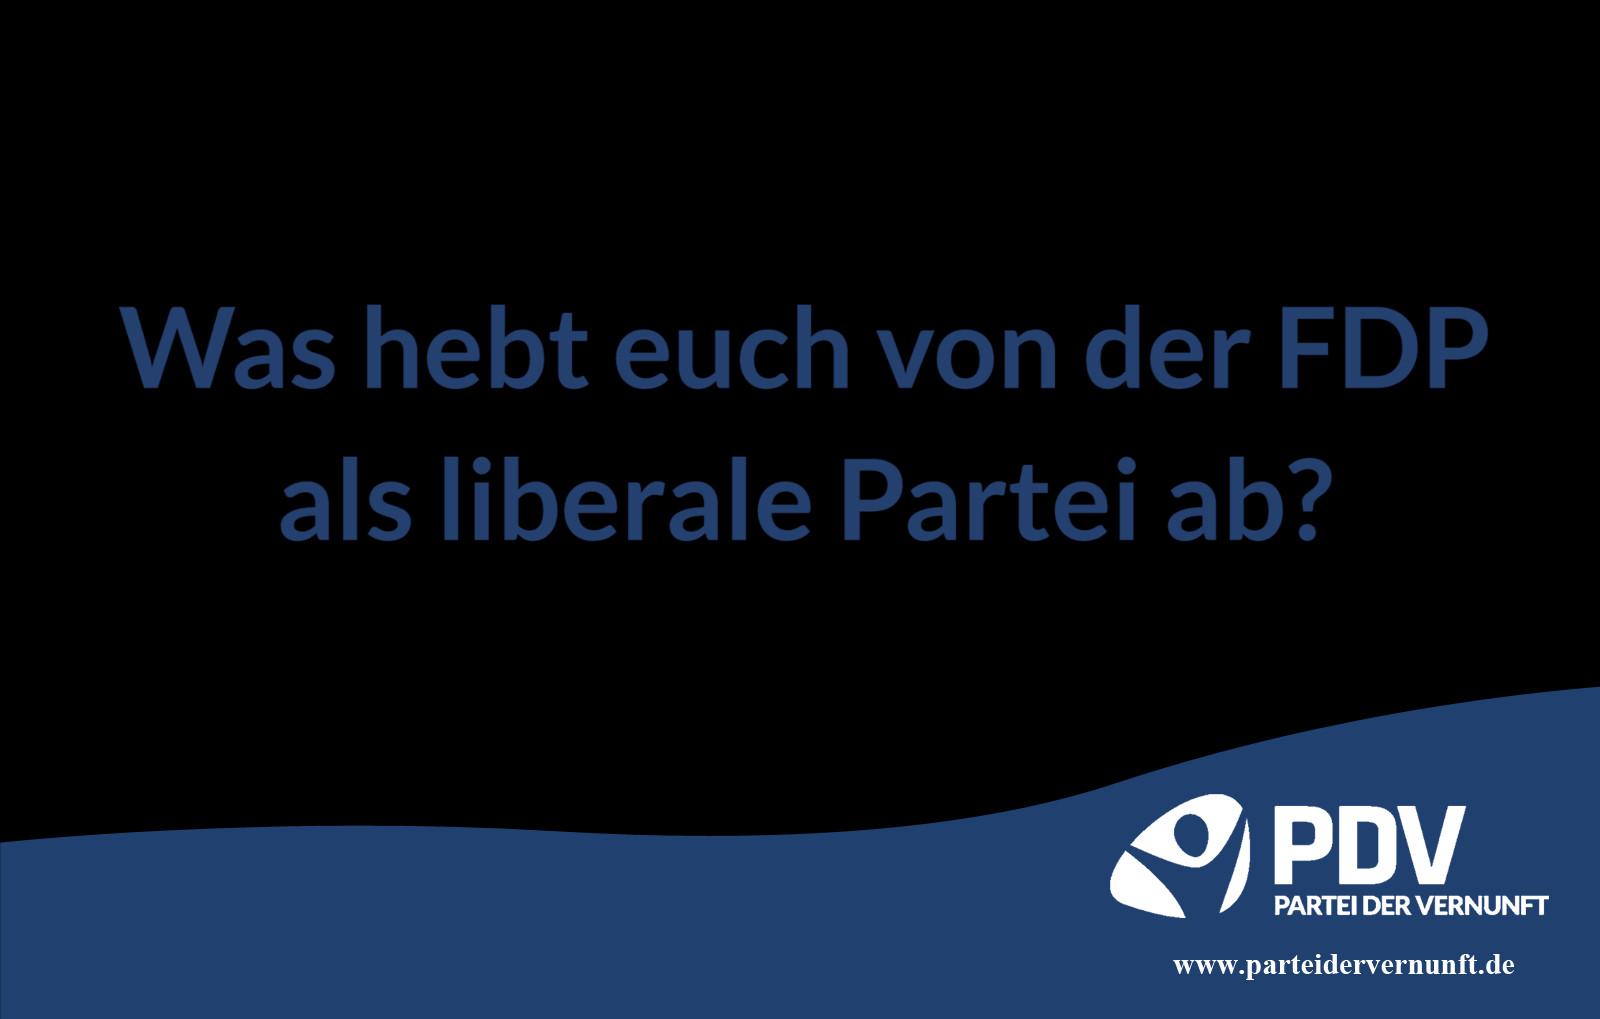 Was hebt die PDV von der FDP als liberale Partei ab?